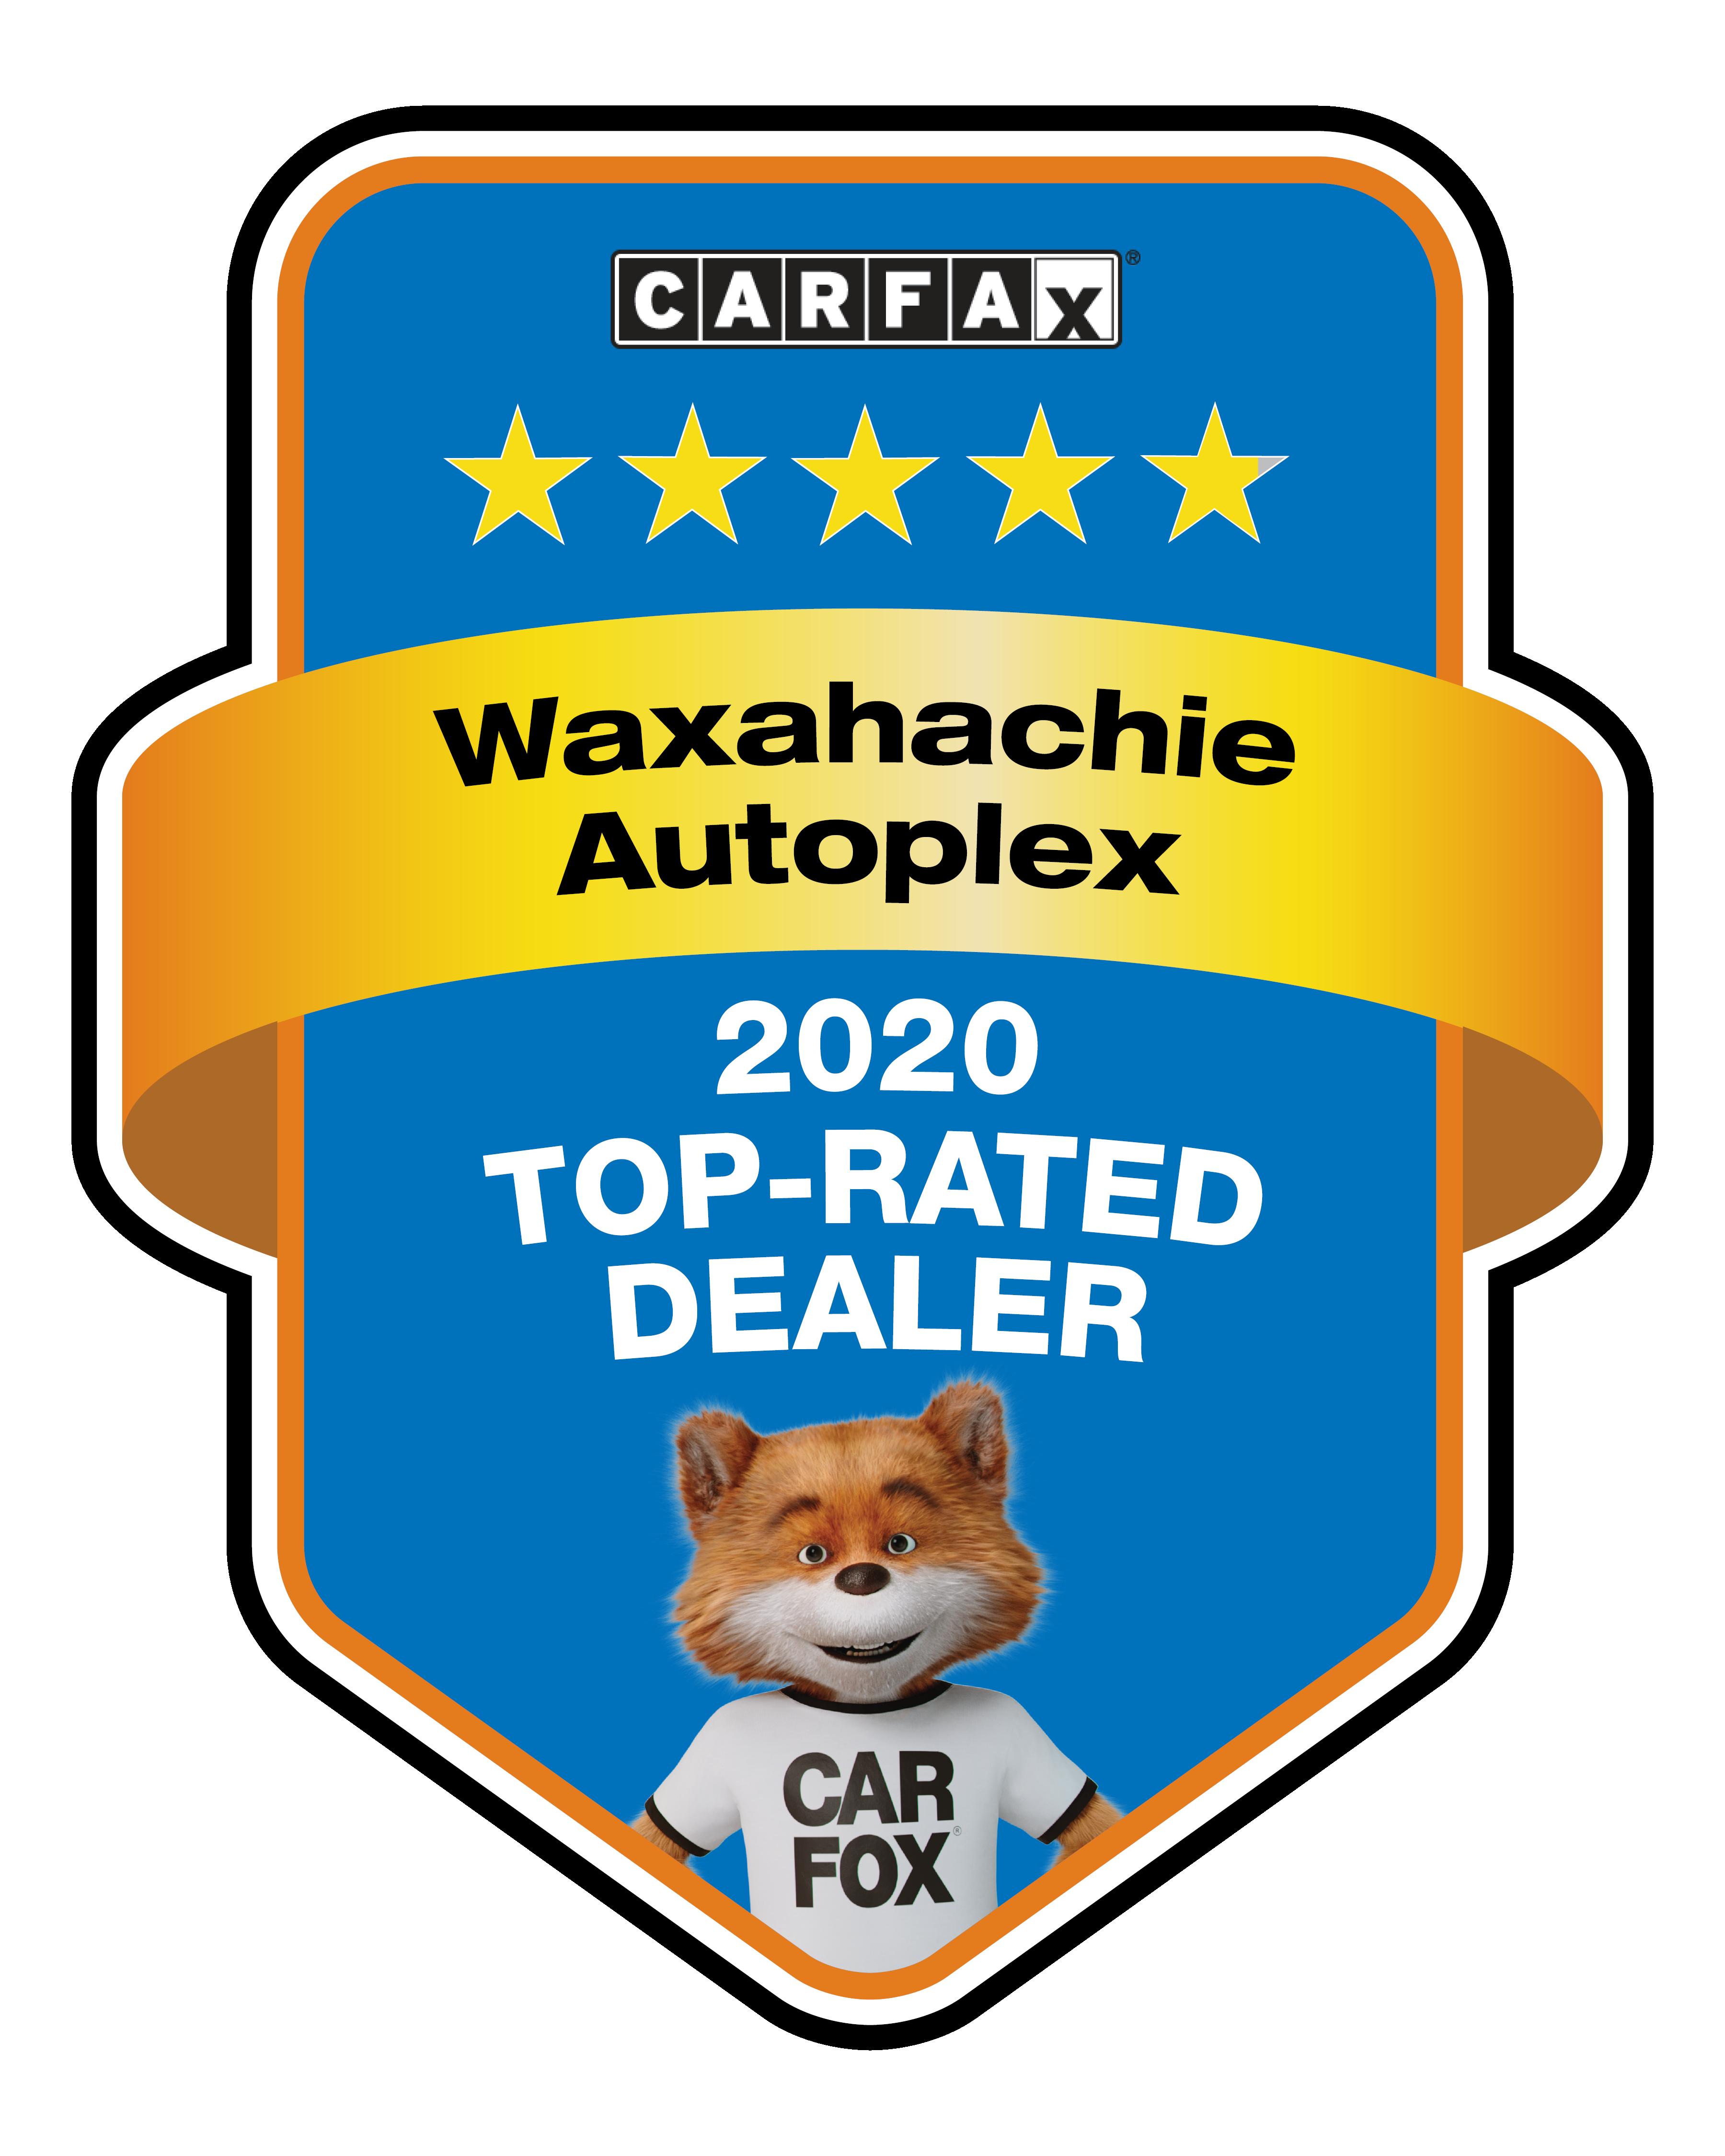 car fax award